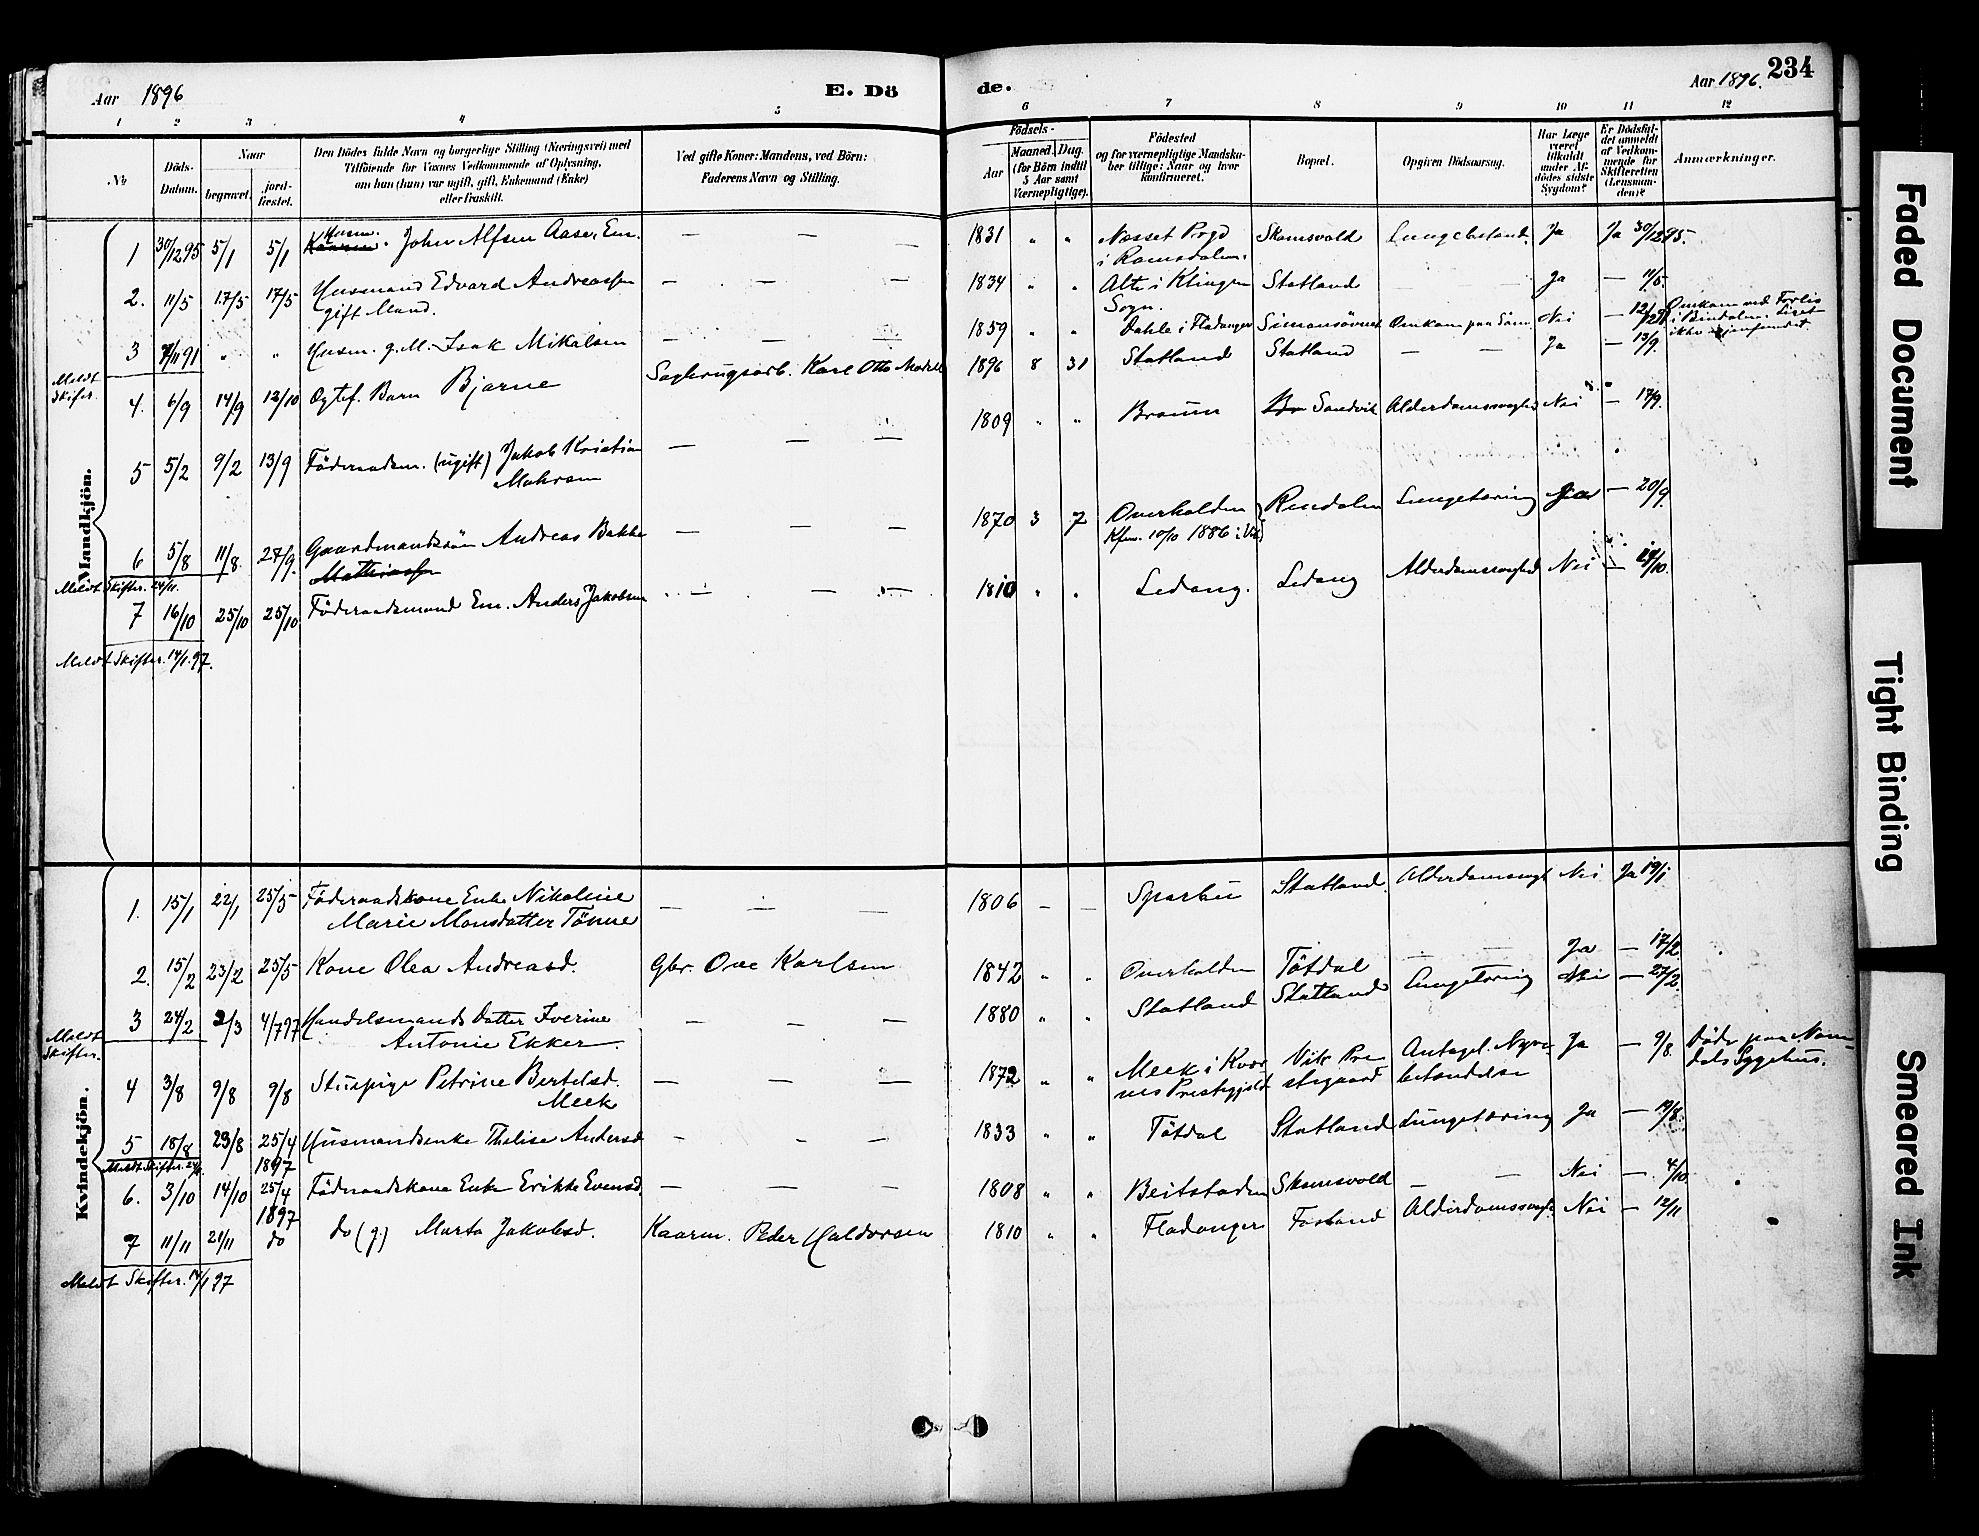 SAT, Ministerialprotokoller, klokkerbøker og fødselsregistre - Nord-Trøndelag, 774/L0628: Ministerialbok nr. 774A02, 1887-1903, s. 234